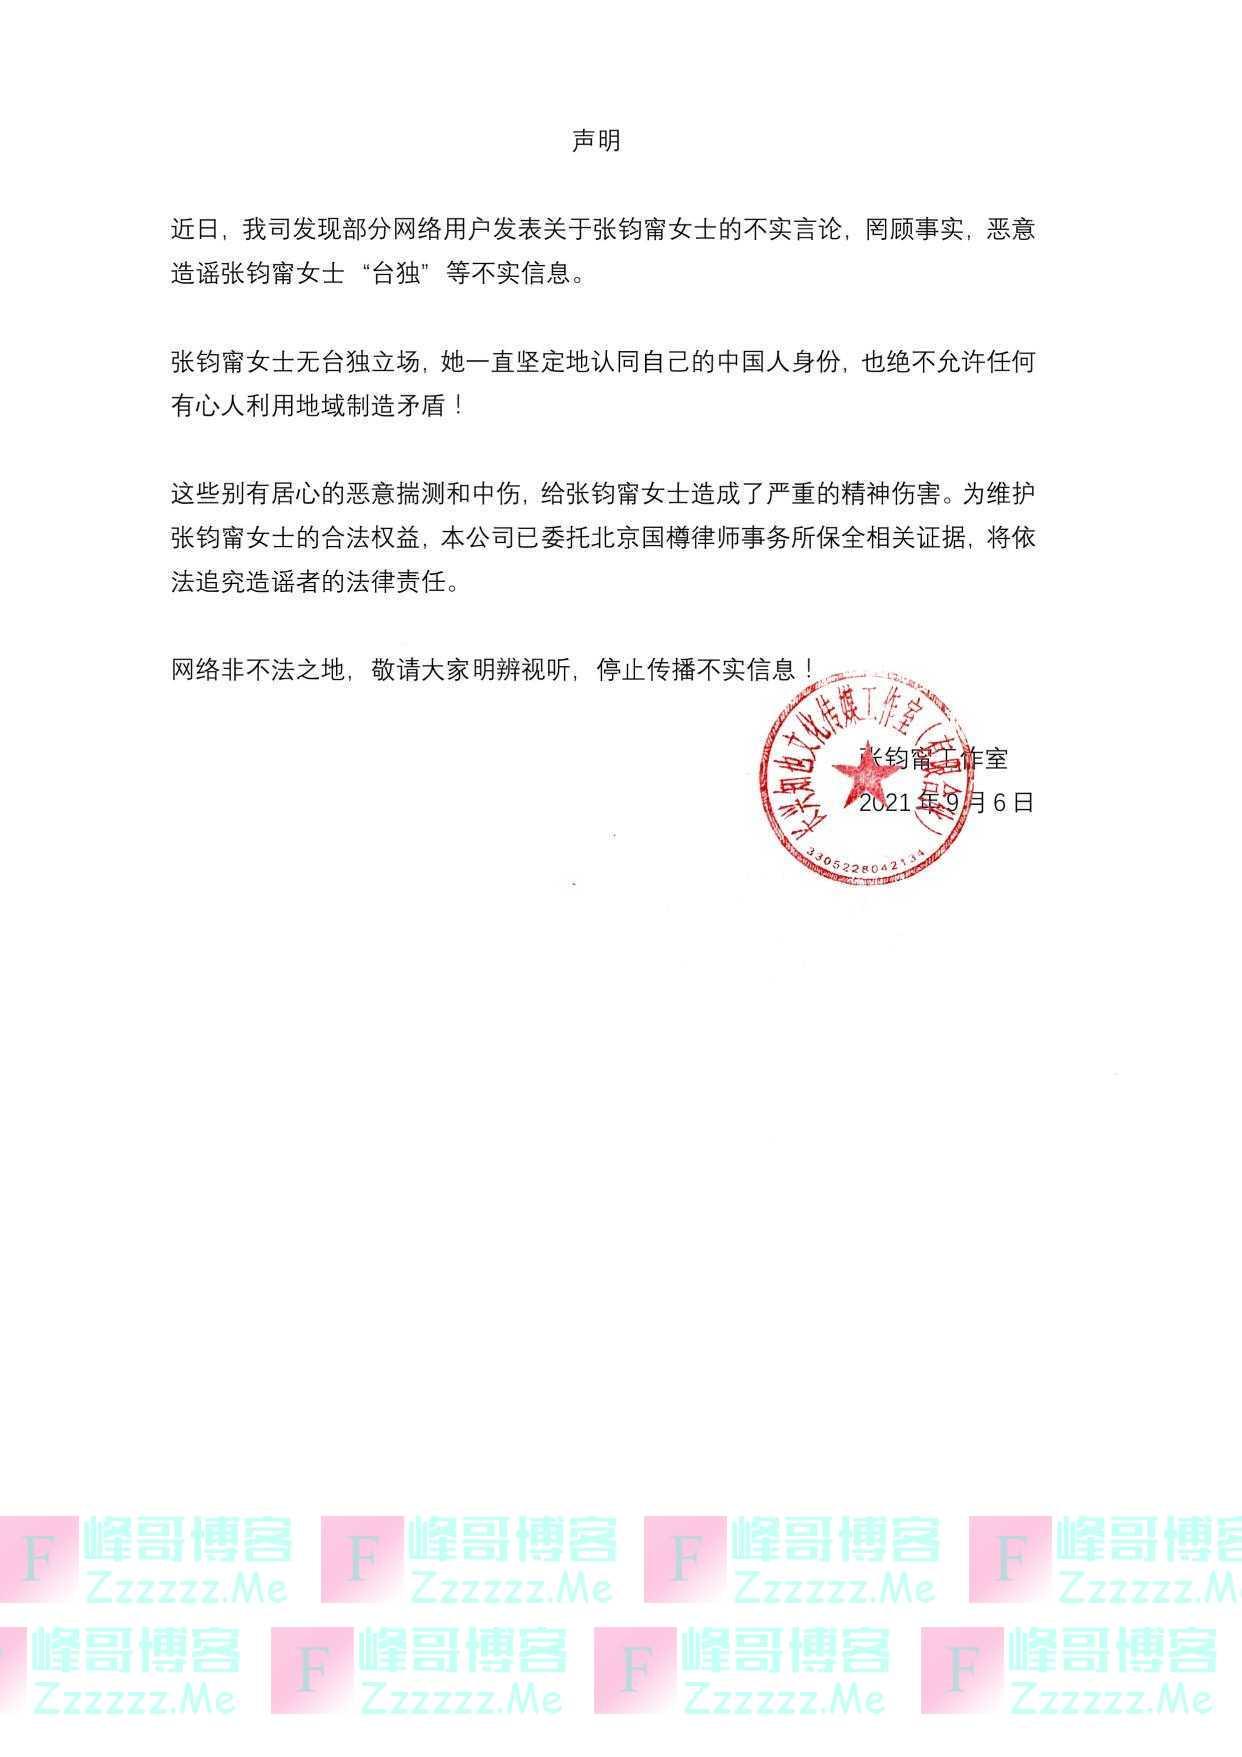 张钧甯工作室发表声明,不允许任何人利用地域制造矛盾